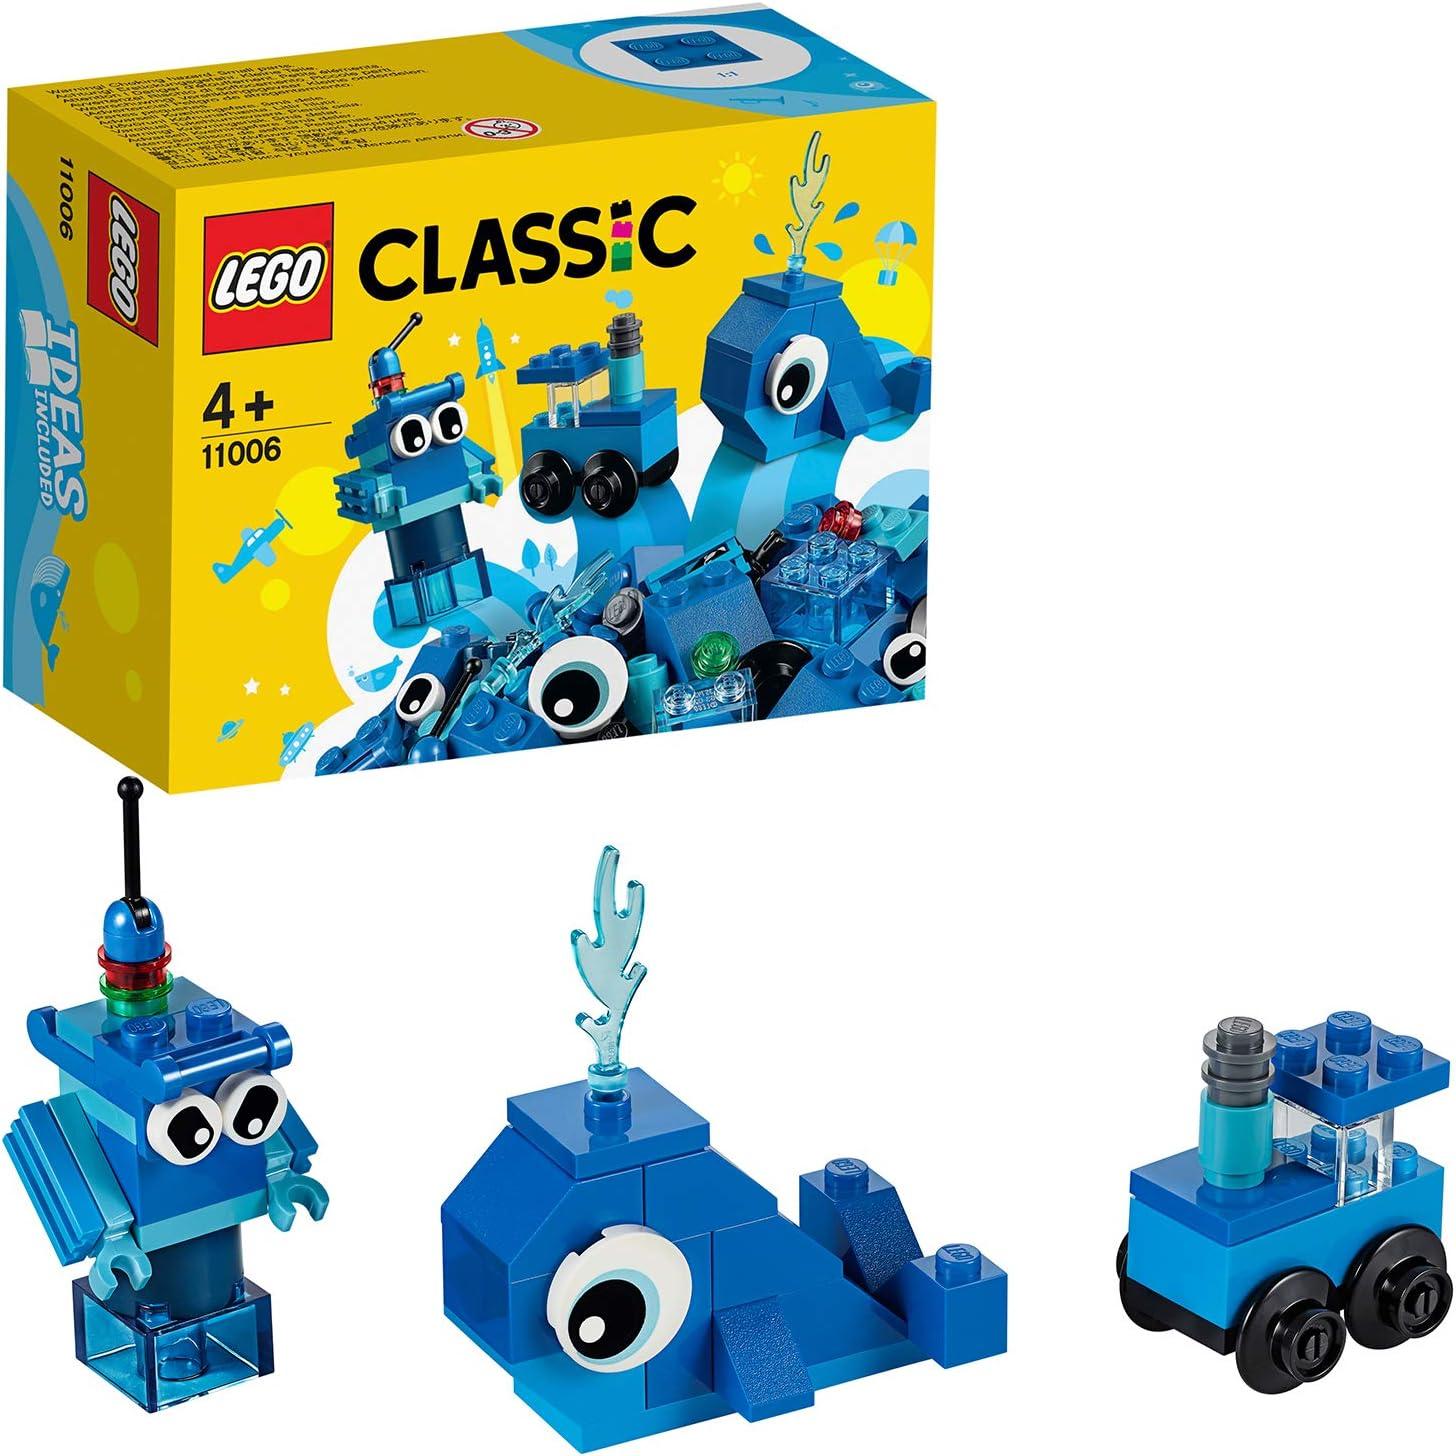 LEGO Classic - Ladrillos Creativos Azules, Juguete de Construcción con Ladrillos de Colores para Desarrollar la Imaginación, Recomendado a Partir de 4 Años (11006) , color/modelo surtido: Amazon.es: Juguetes y juegos